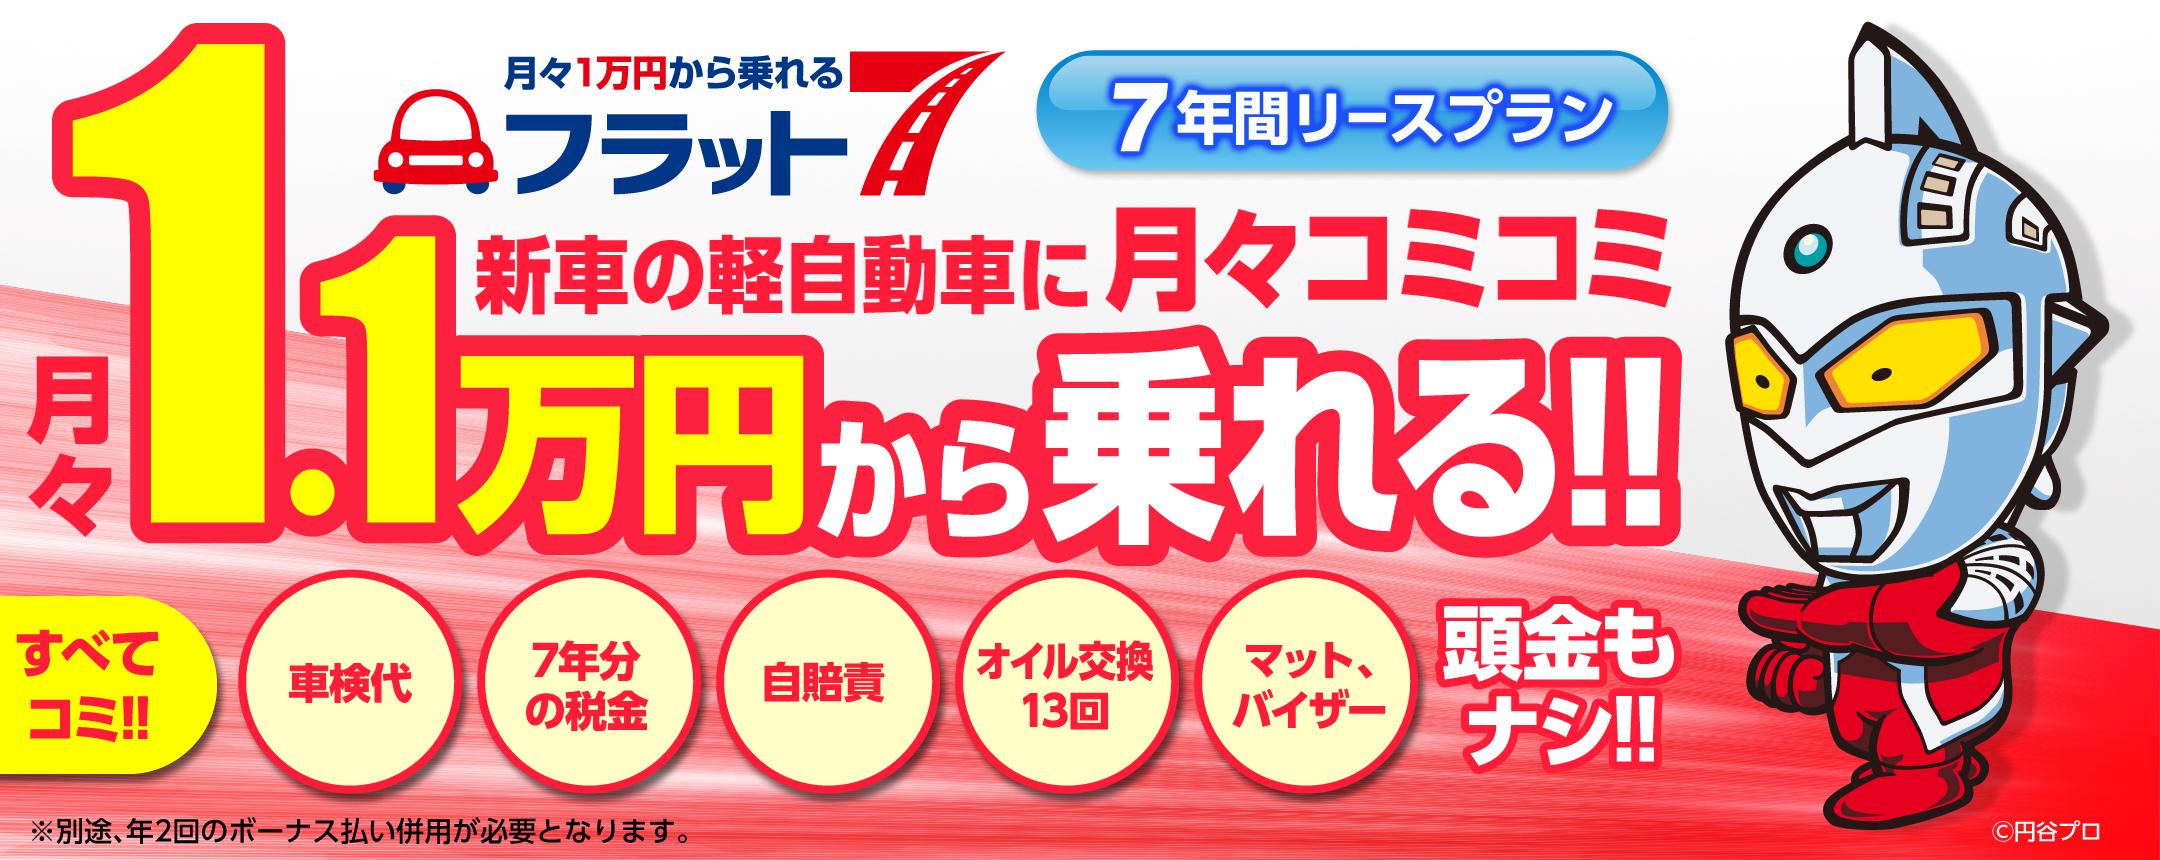 月々1万円から新車に乗れるフラット7山形鶴岡